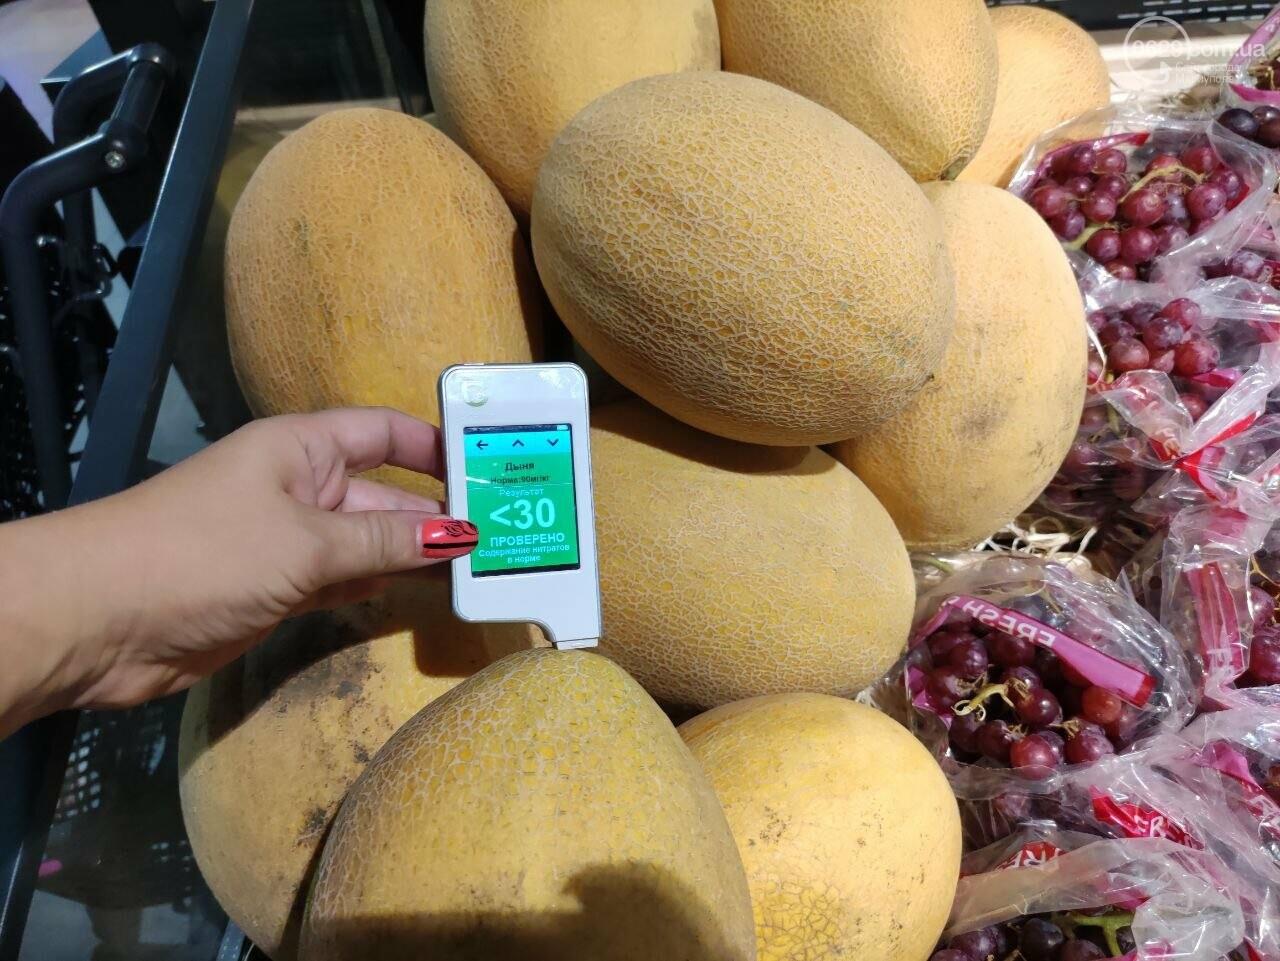 Проверка на нитраты в Мариуполе: опасные дыни в супермаркете и злые продавцы на рынке, - ФОТО, ВИДЕО, фото-19